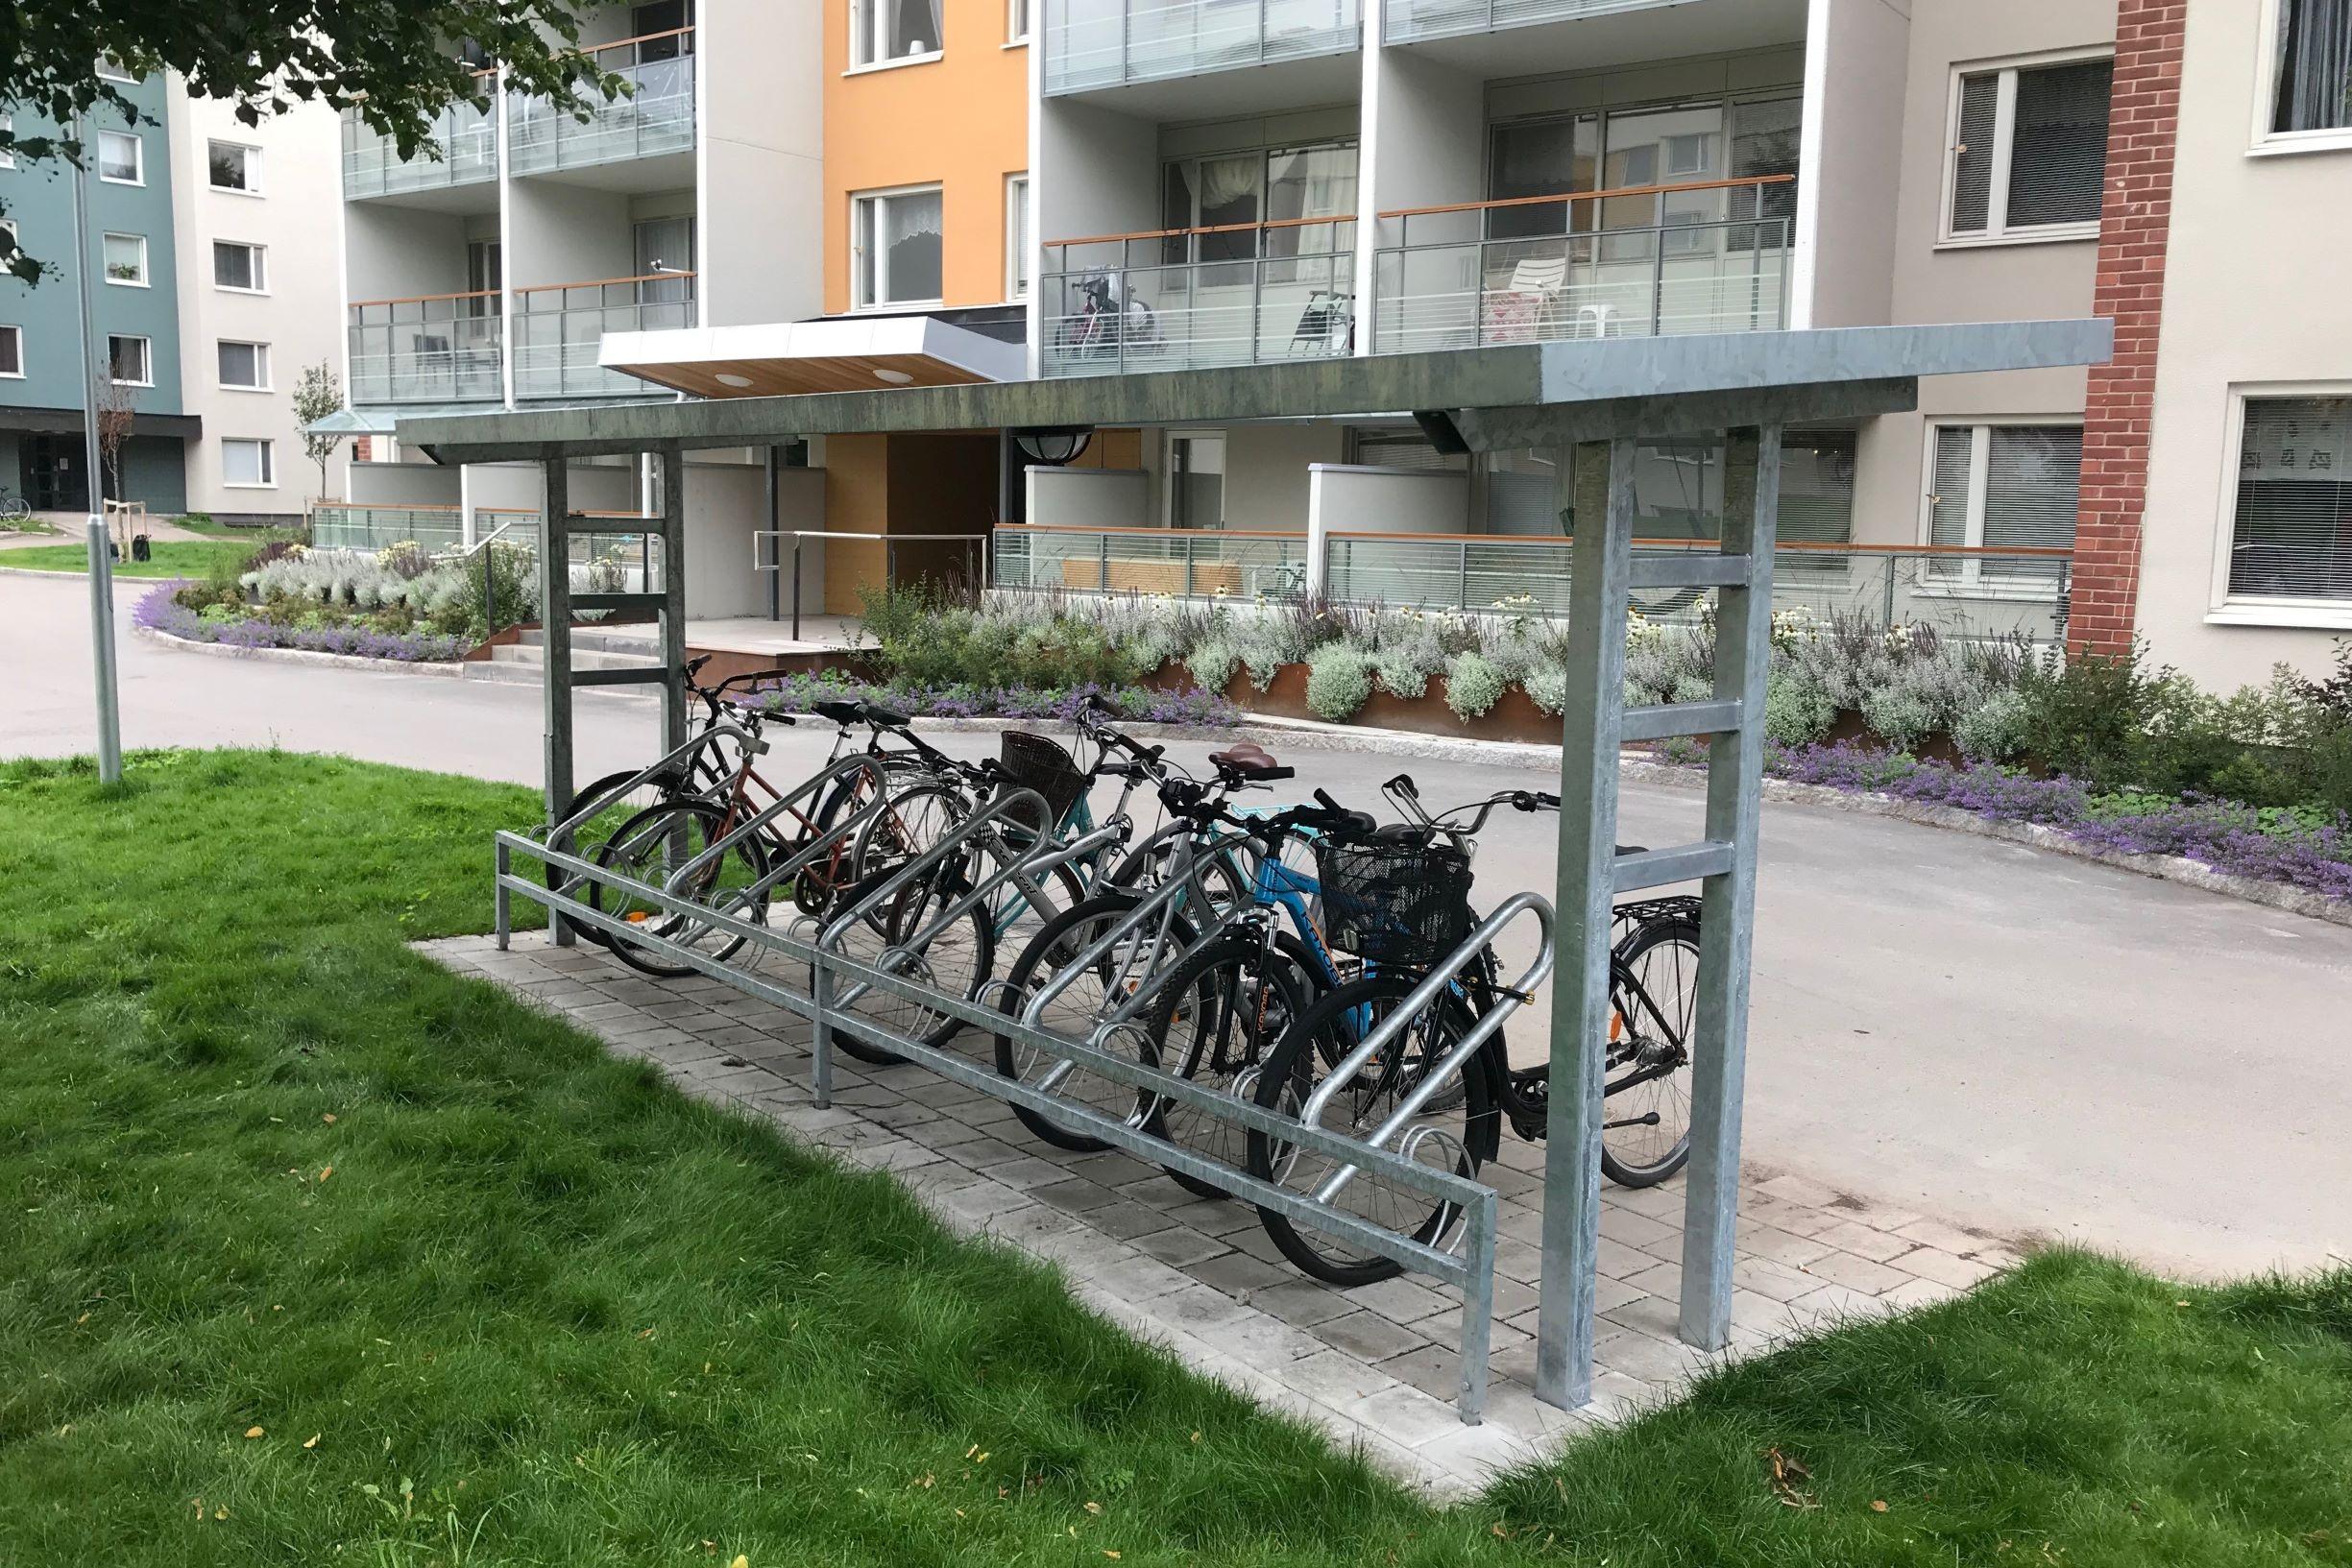 Cykelparkering Gävle 10,5m för 20 cyklar